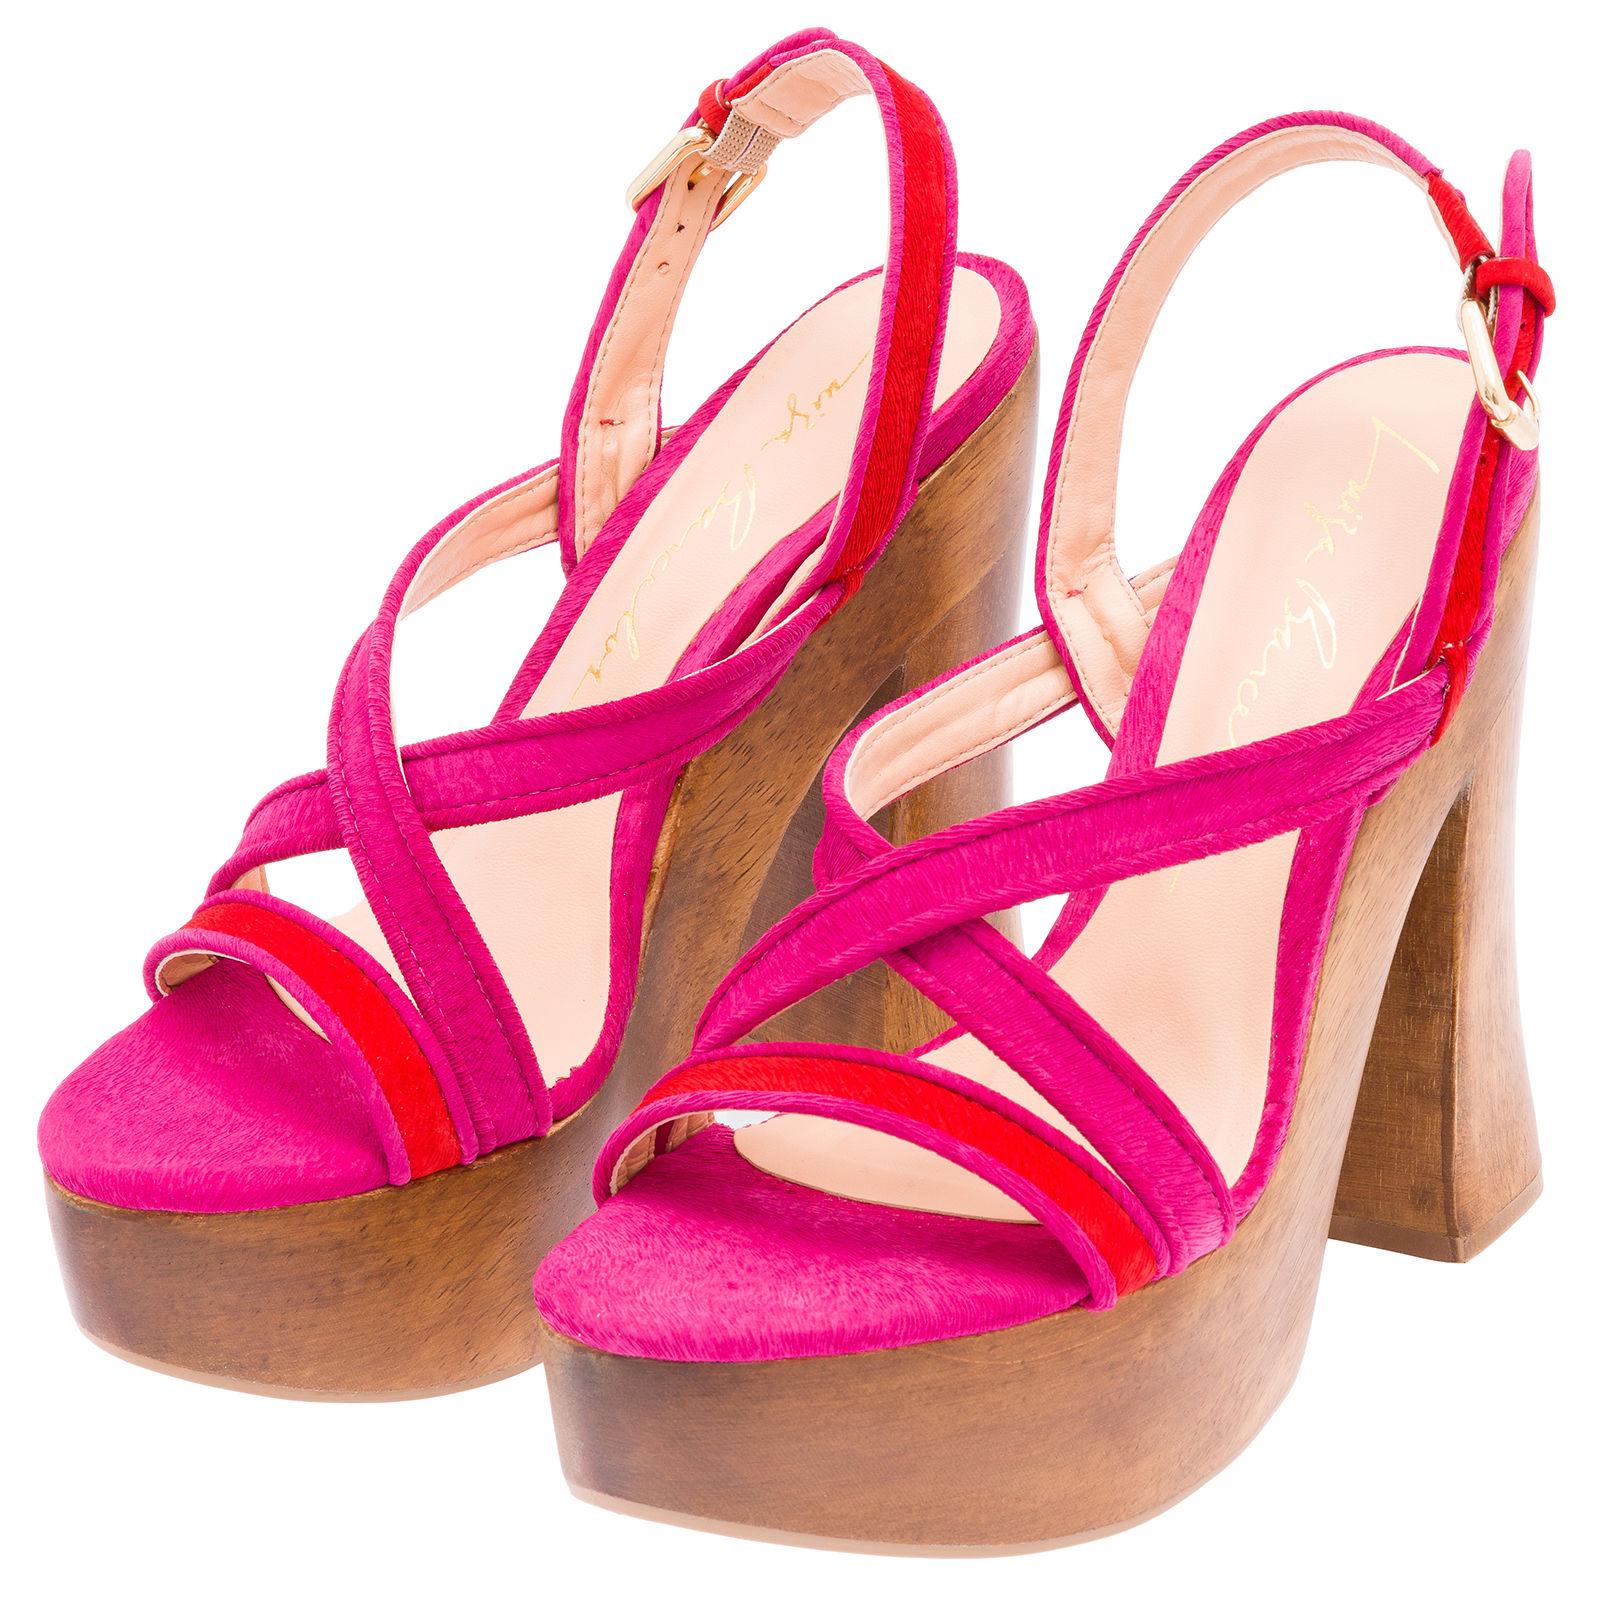 Sandália Salto Grosso Tiras - Rosa E Vermelha